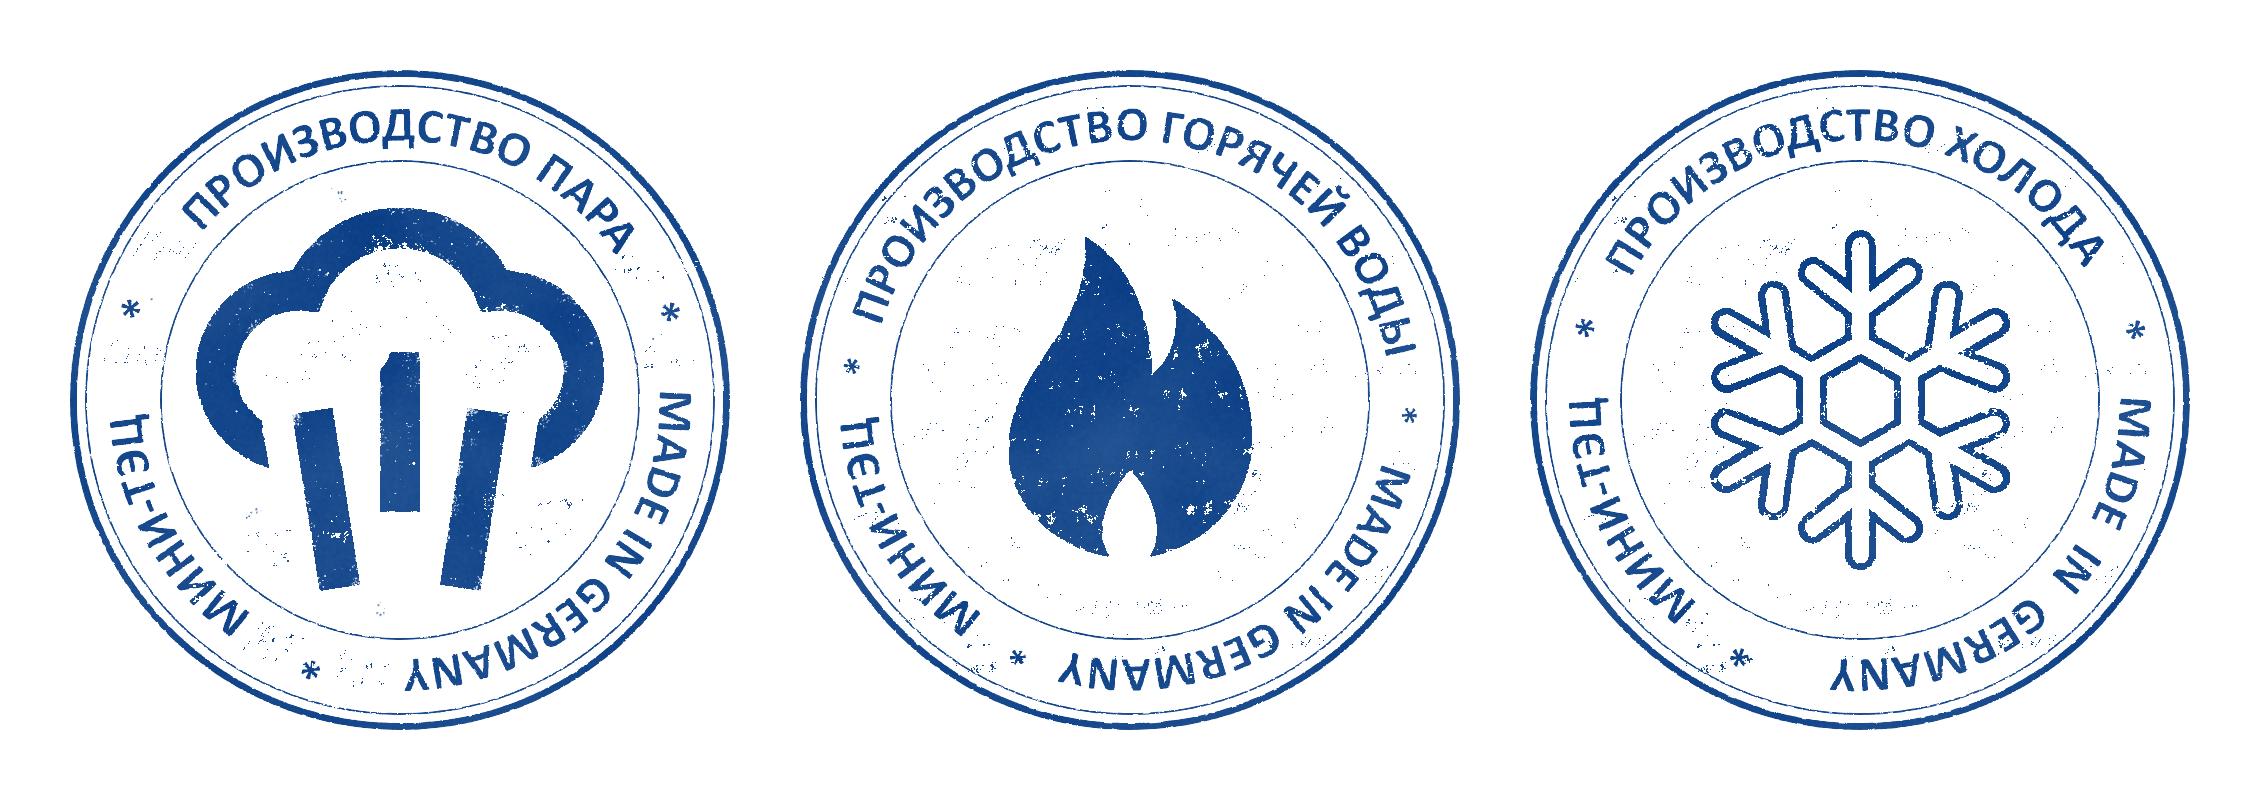 Варианты утилизации газопоршневой электростанции MTU 12V4000L64FNER